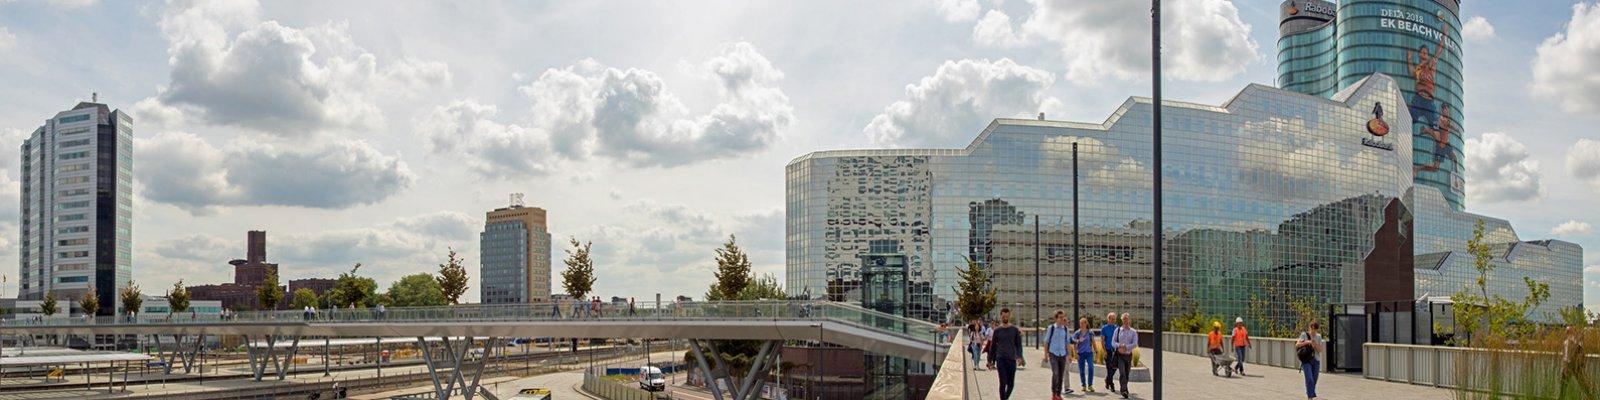 Voetgangesbrug over Utrecht Centraal station